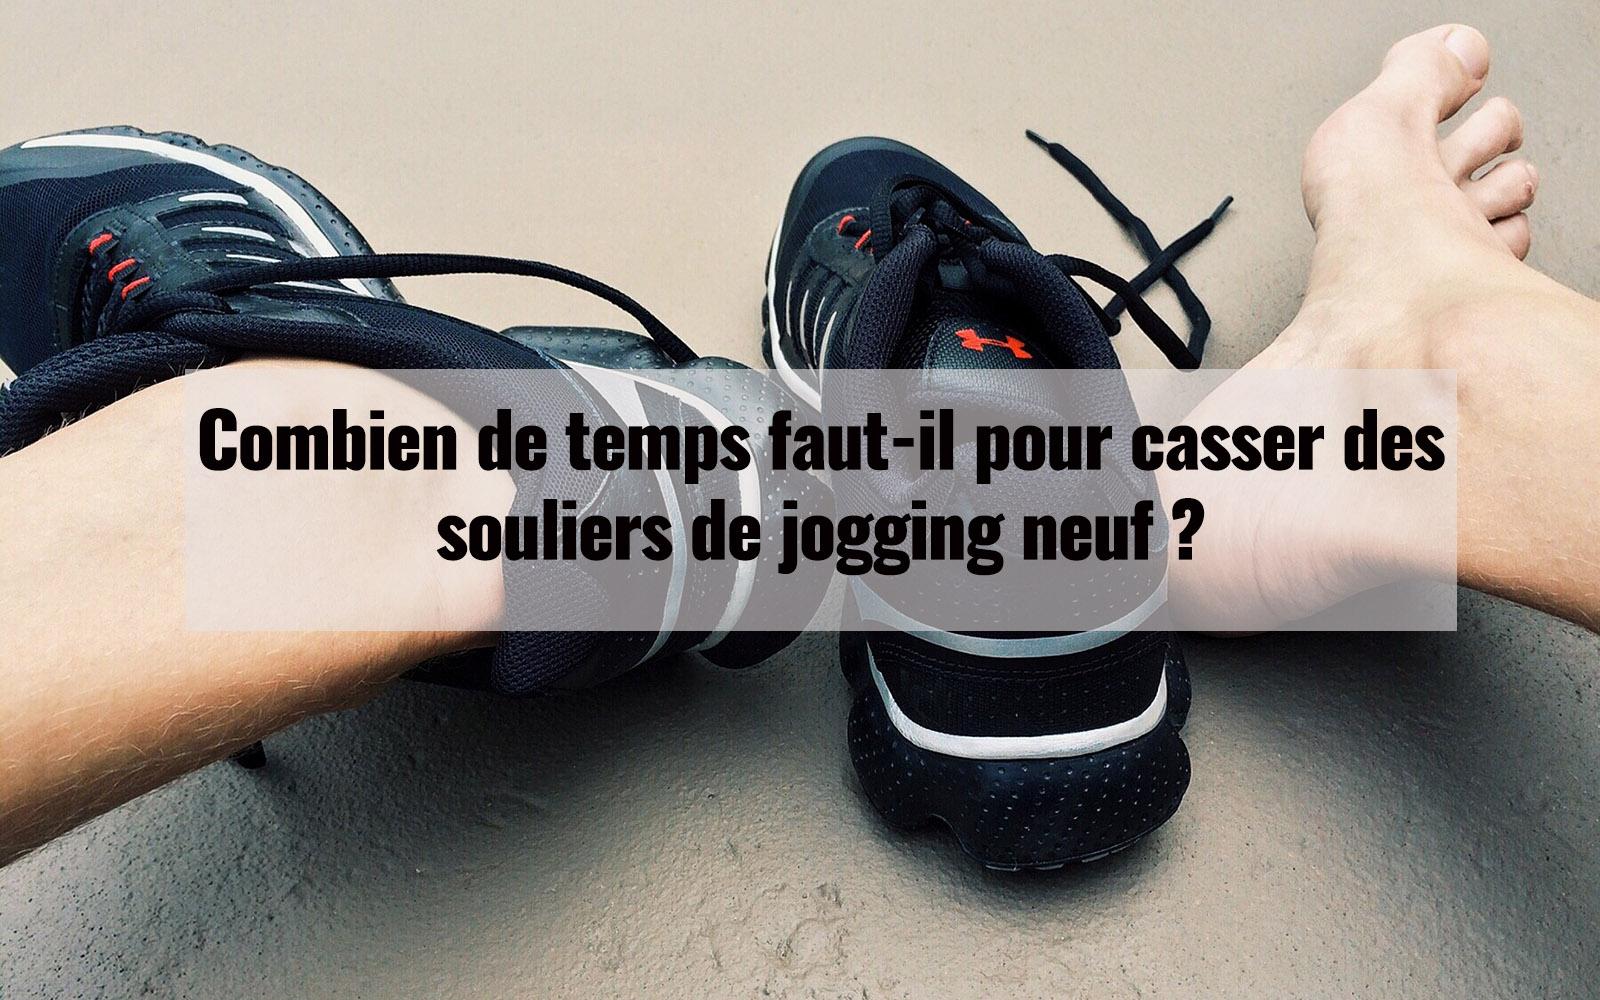 Combien de temps faut-il pour casser des souliers de jogging neuf ?